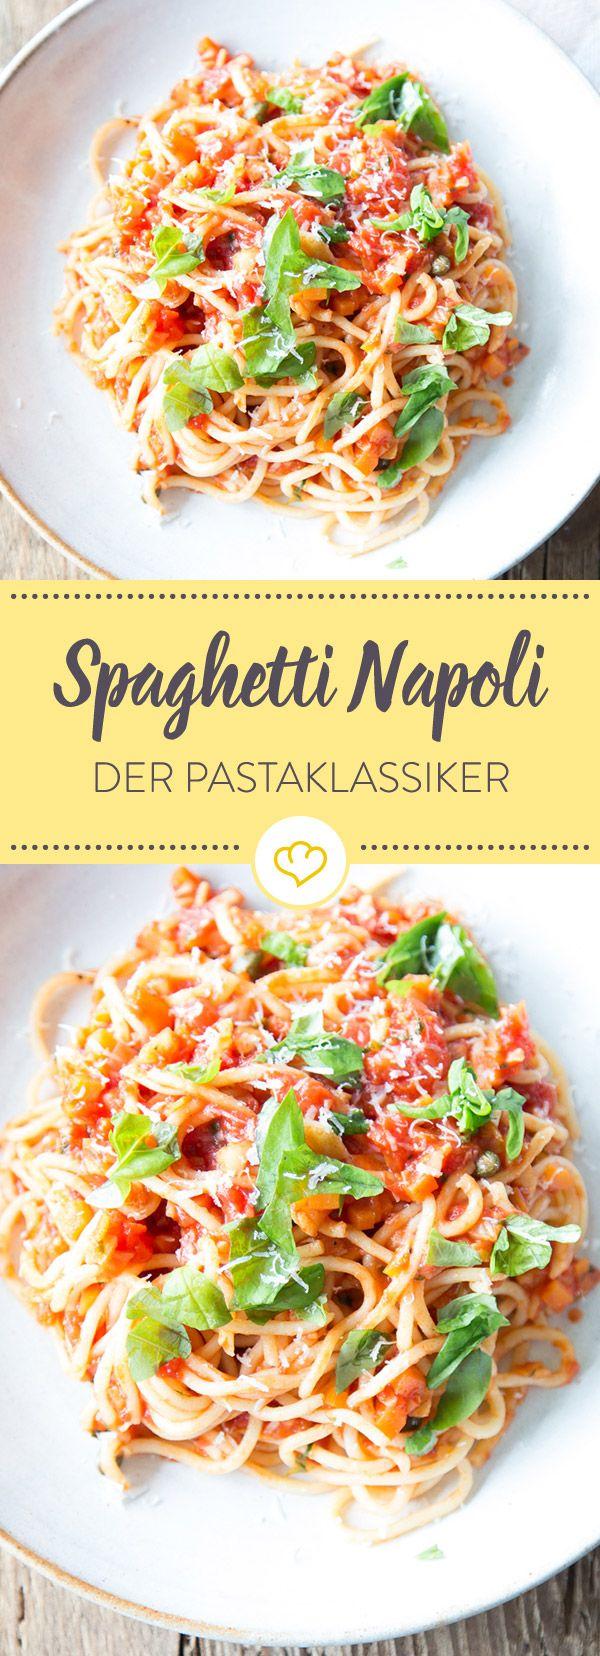 Diese Pastakreation wird mit Möhren, Sellerie und Knoblauch zubereitet und ist die ursprüngliche Version von Spaghetti mit Tomatensauce.